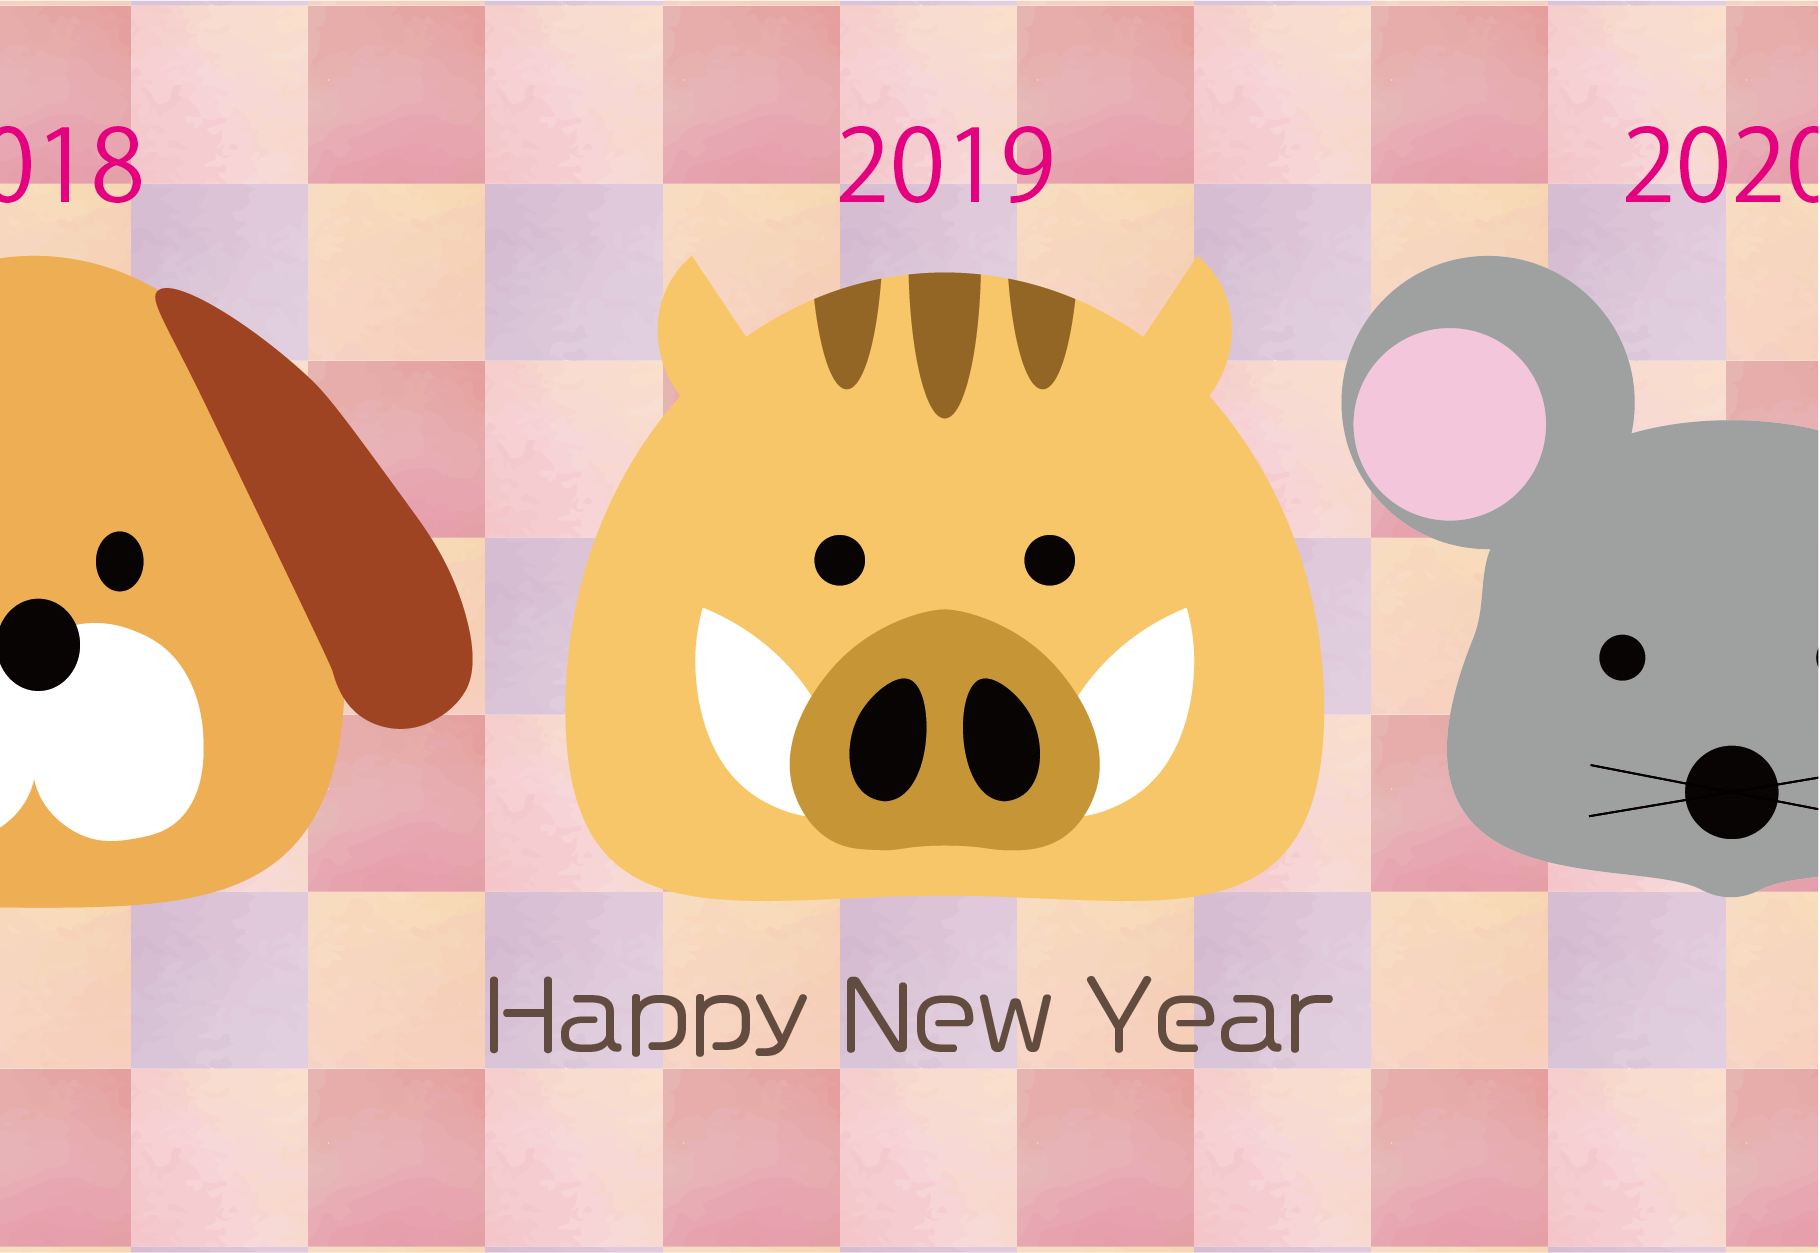 2018年の犬、2019年の猪、2020年の鼠のイラスト